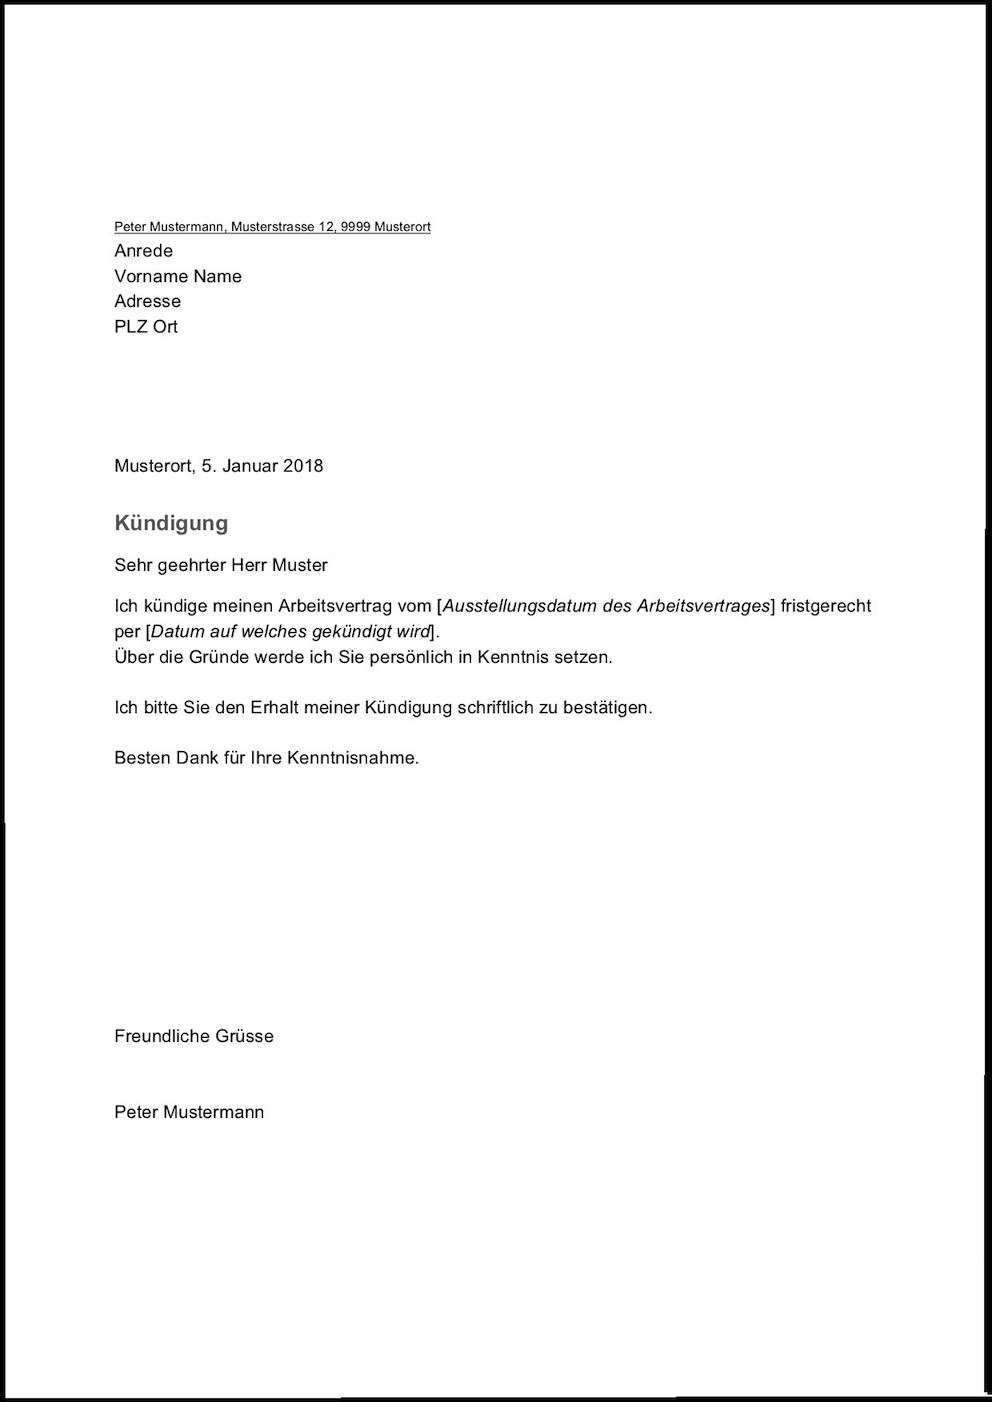 Druckbar Mustervorlage Kundigung Pdf Dokument Word Wiederherstellen